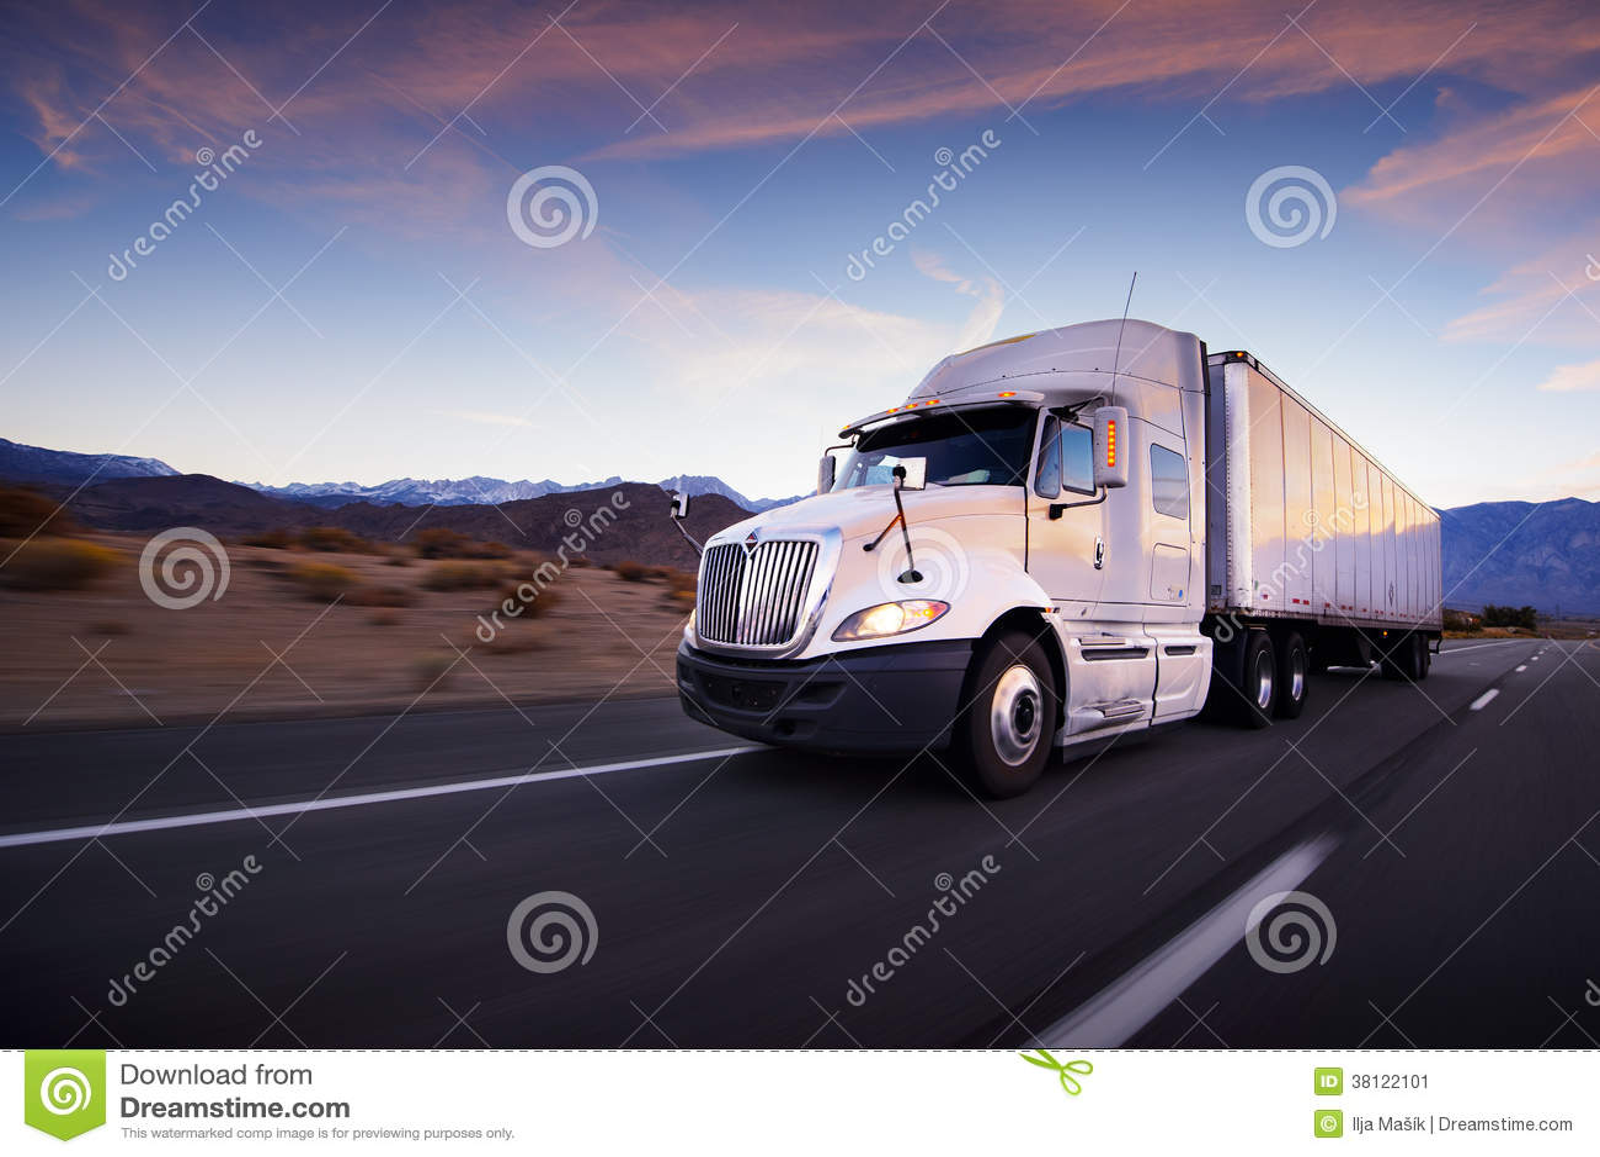 Caminhão e estrada no por do sol - fundo do transporte